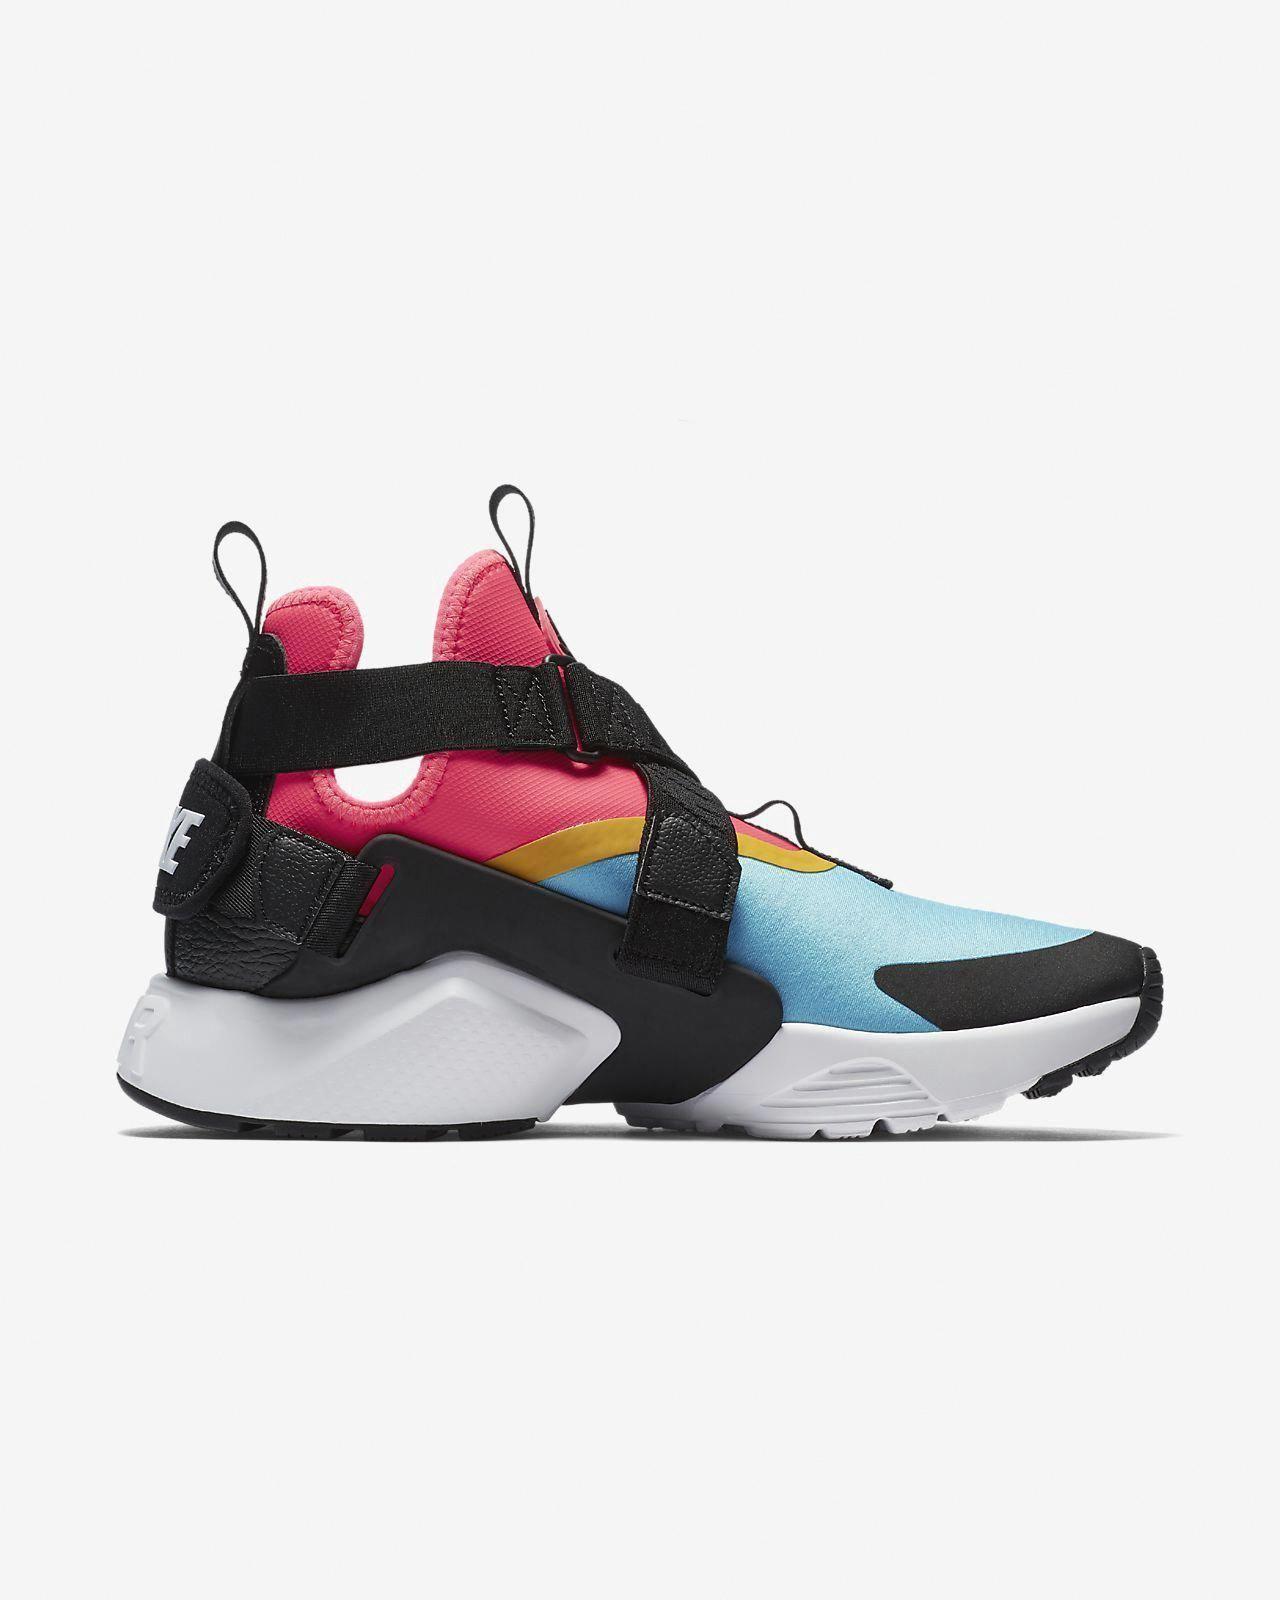 B In Women S Shoes WomenShoesBrands ID6456659642